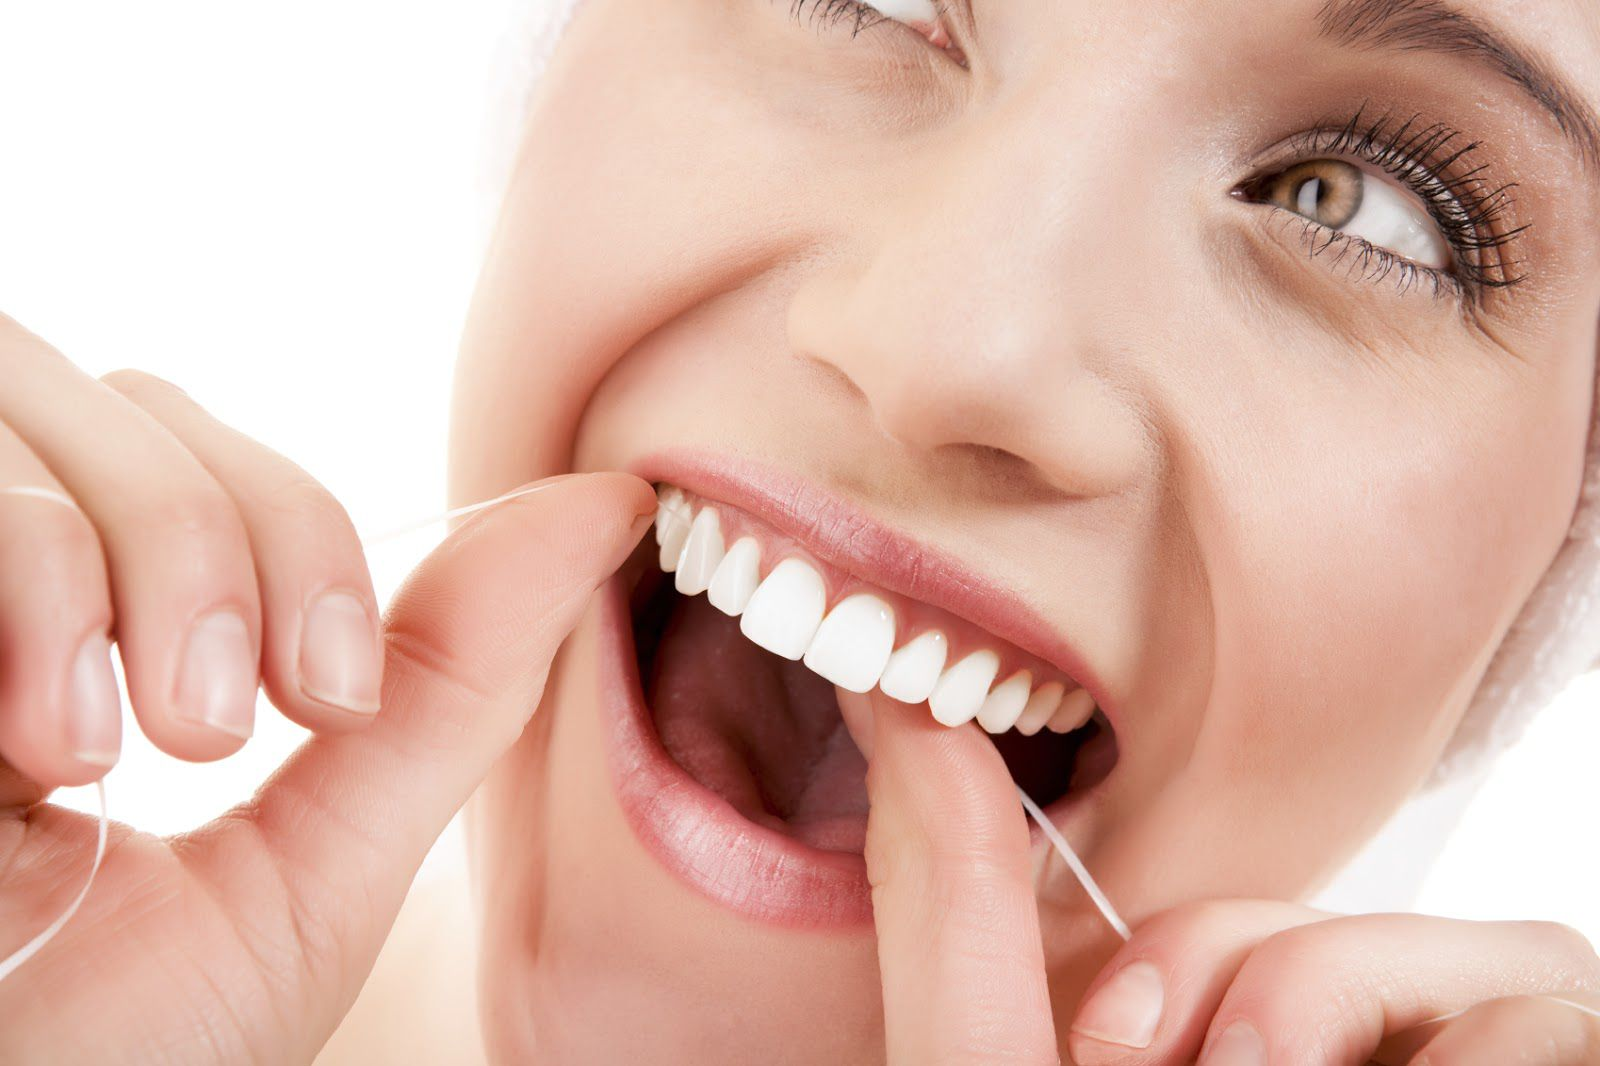 Vệ sinh răng miệng càng tốt thì sứ Zirconia được kéo dài thêm thời gian sử dụng